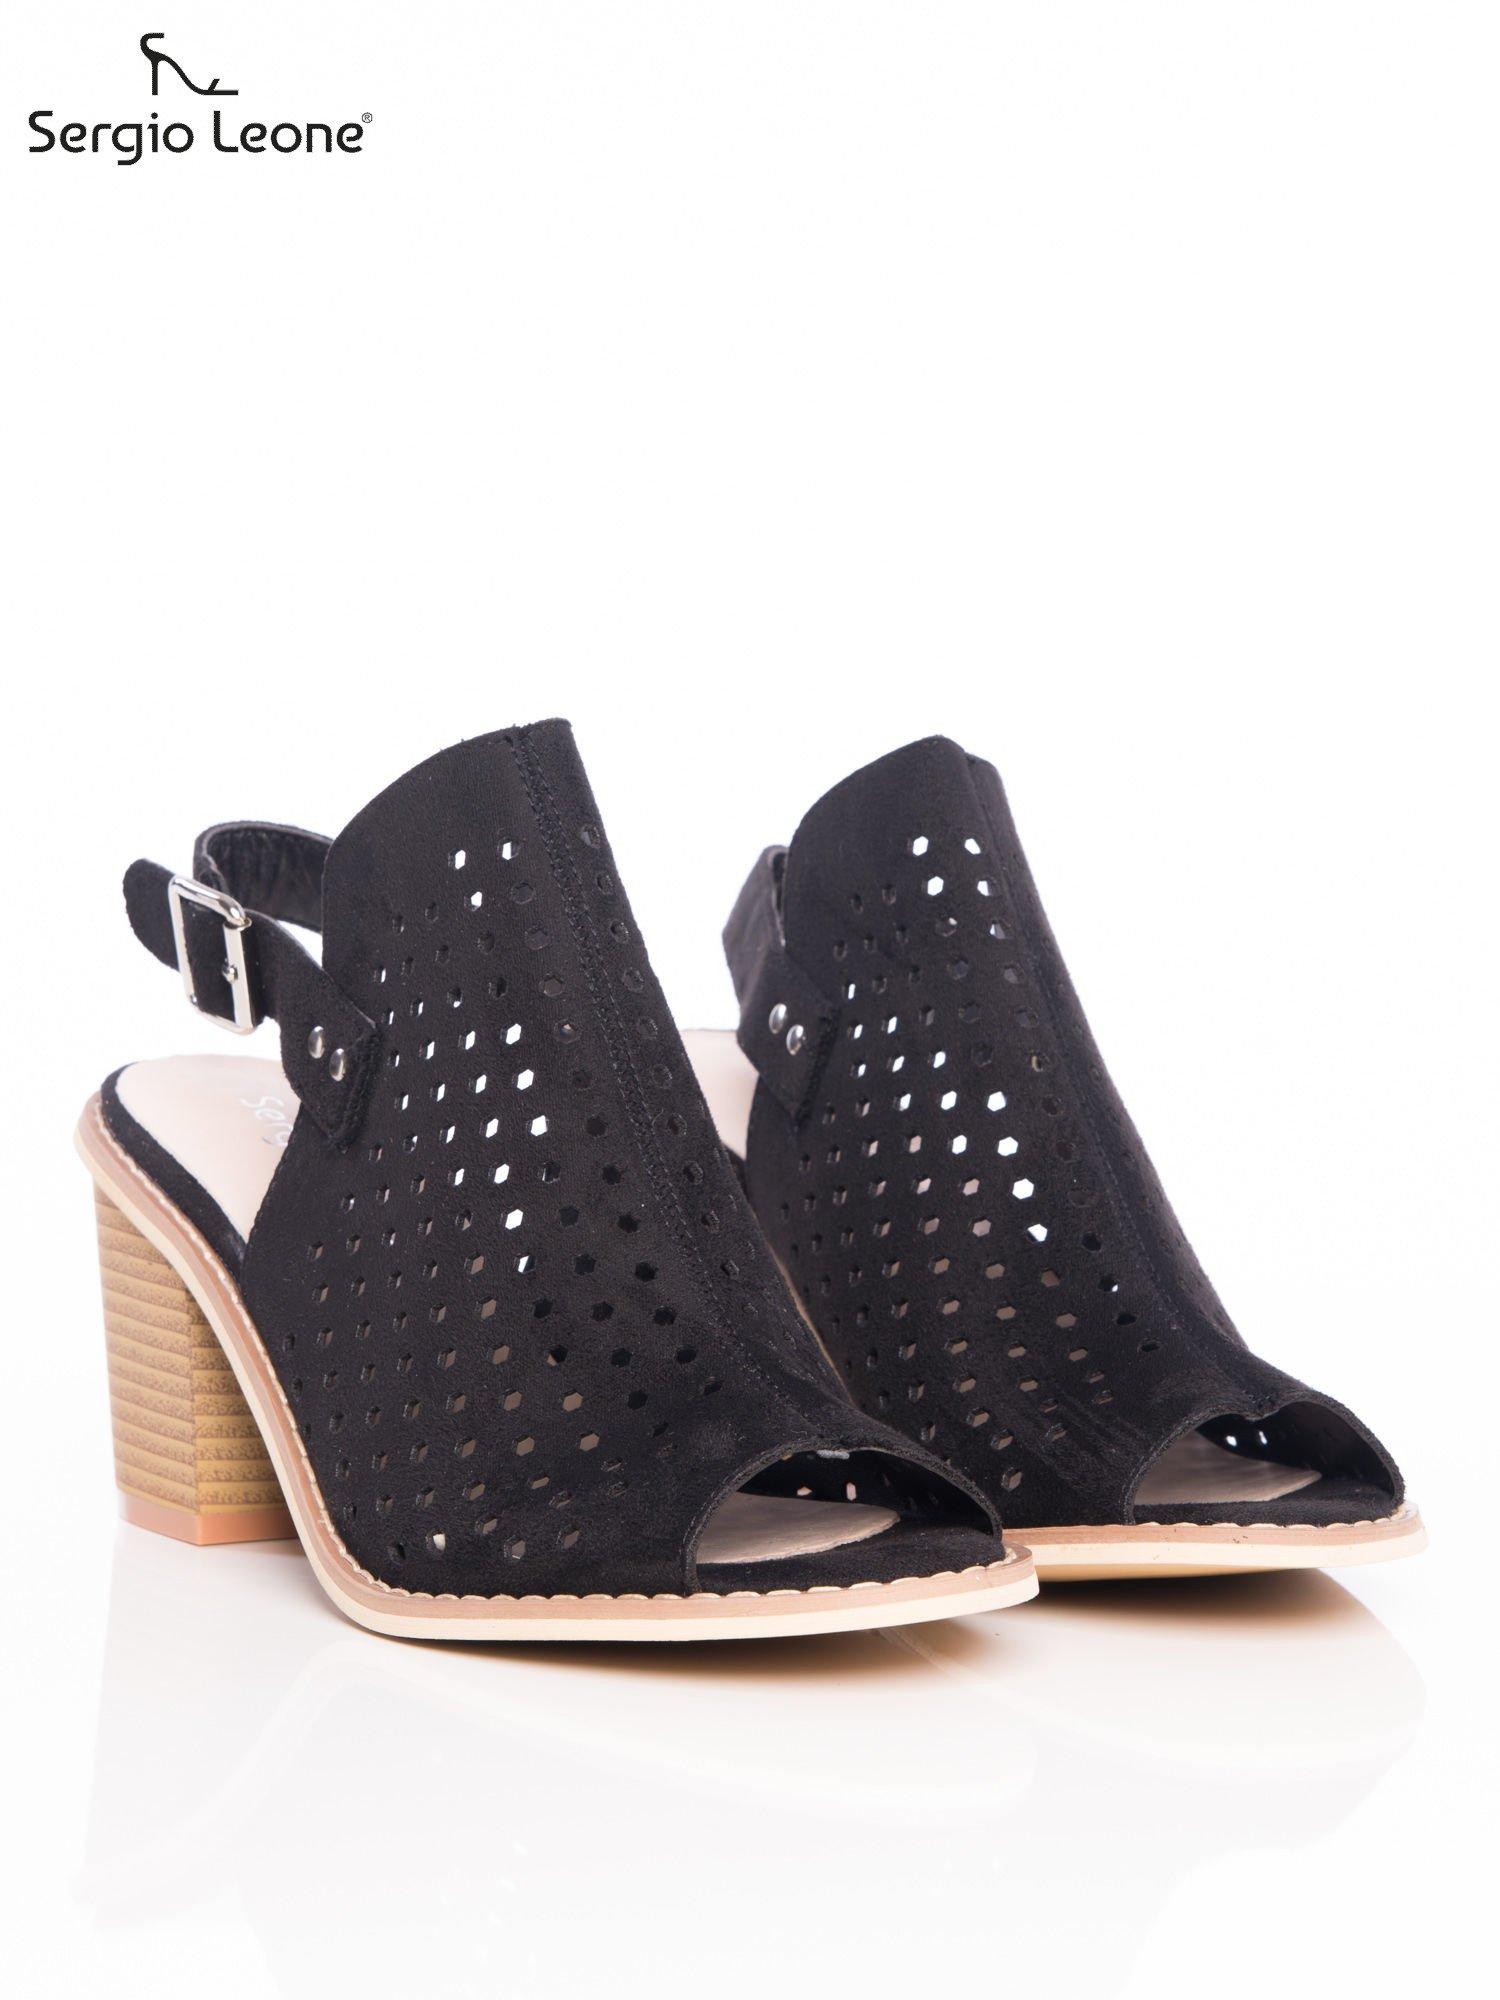 e2e437fd Czarne ażurowe sandały Sergio Leone na szerokim klocku - Buty Sandały  wysokie - sklep eButik.pl